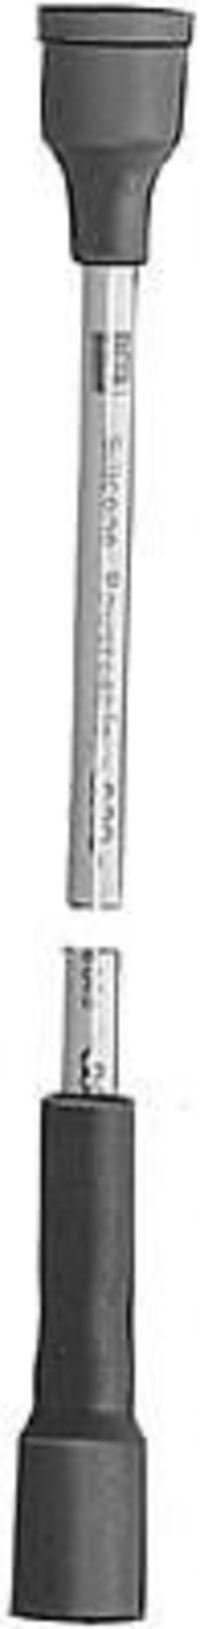 Провод зажигания BERU R4